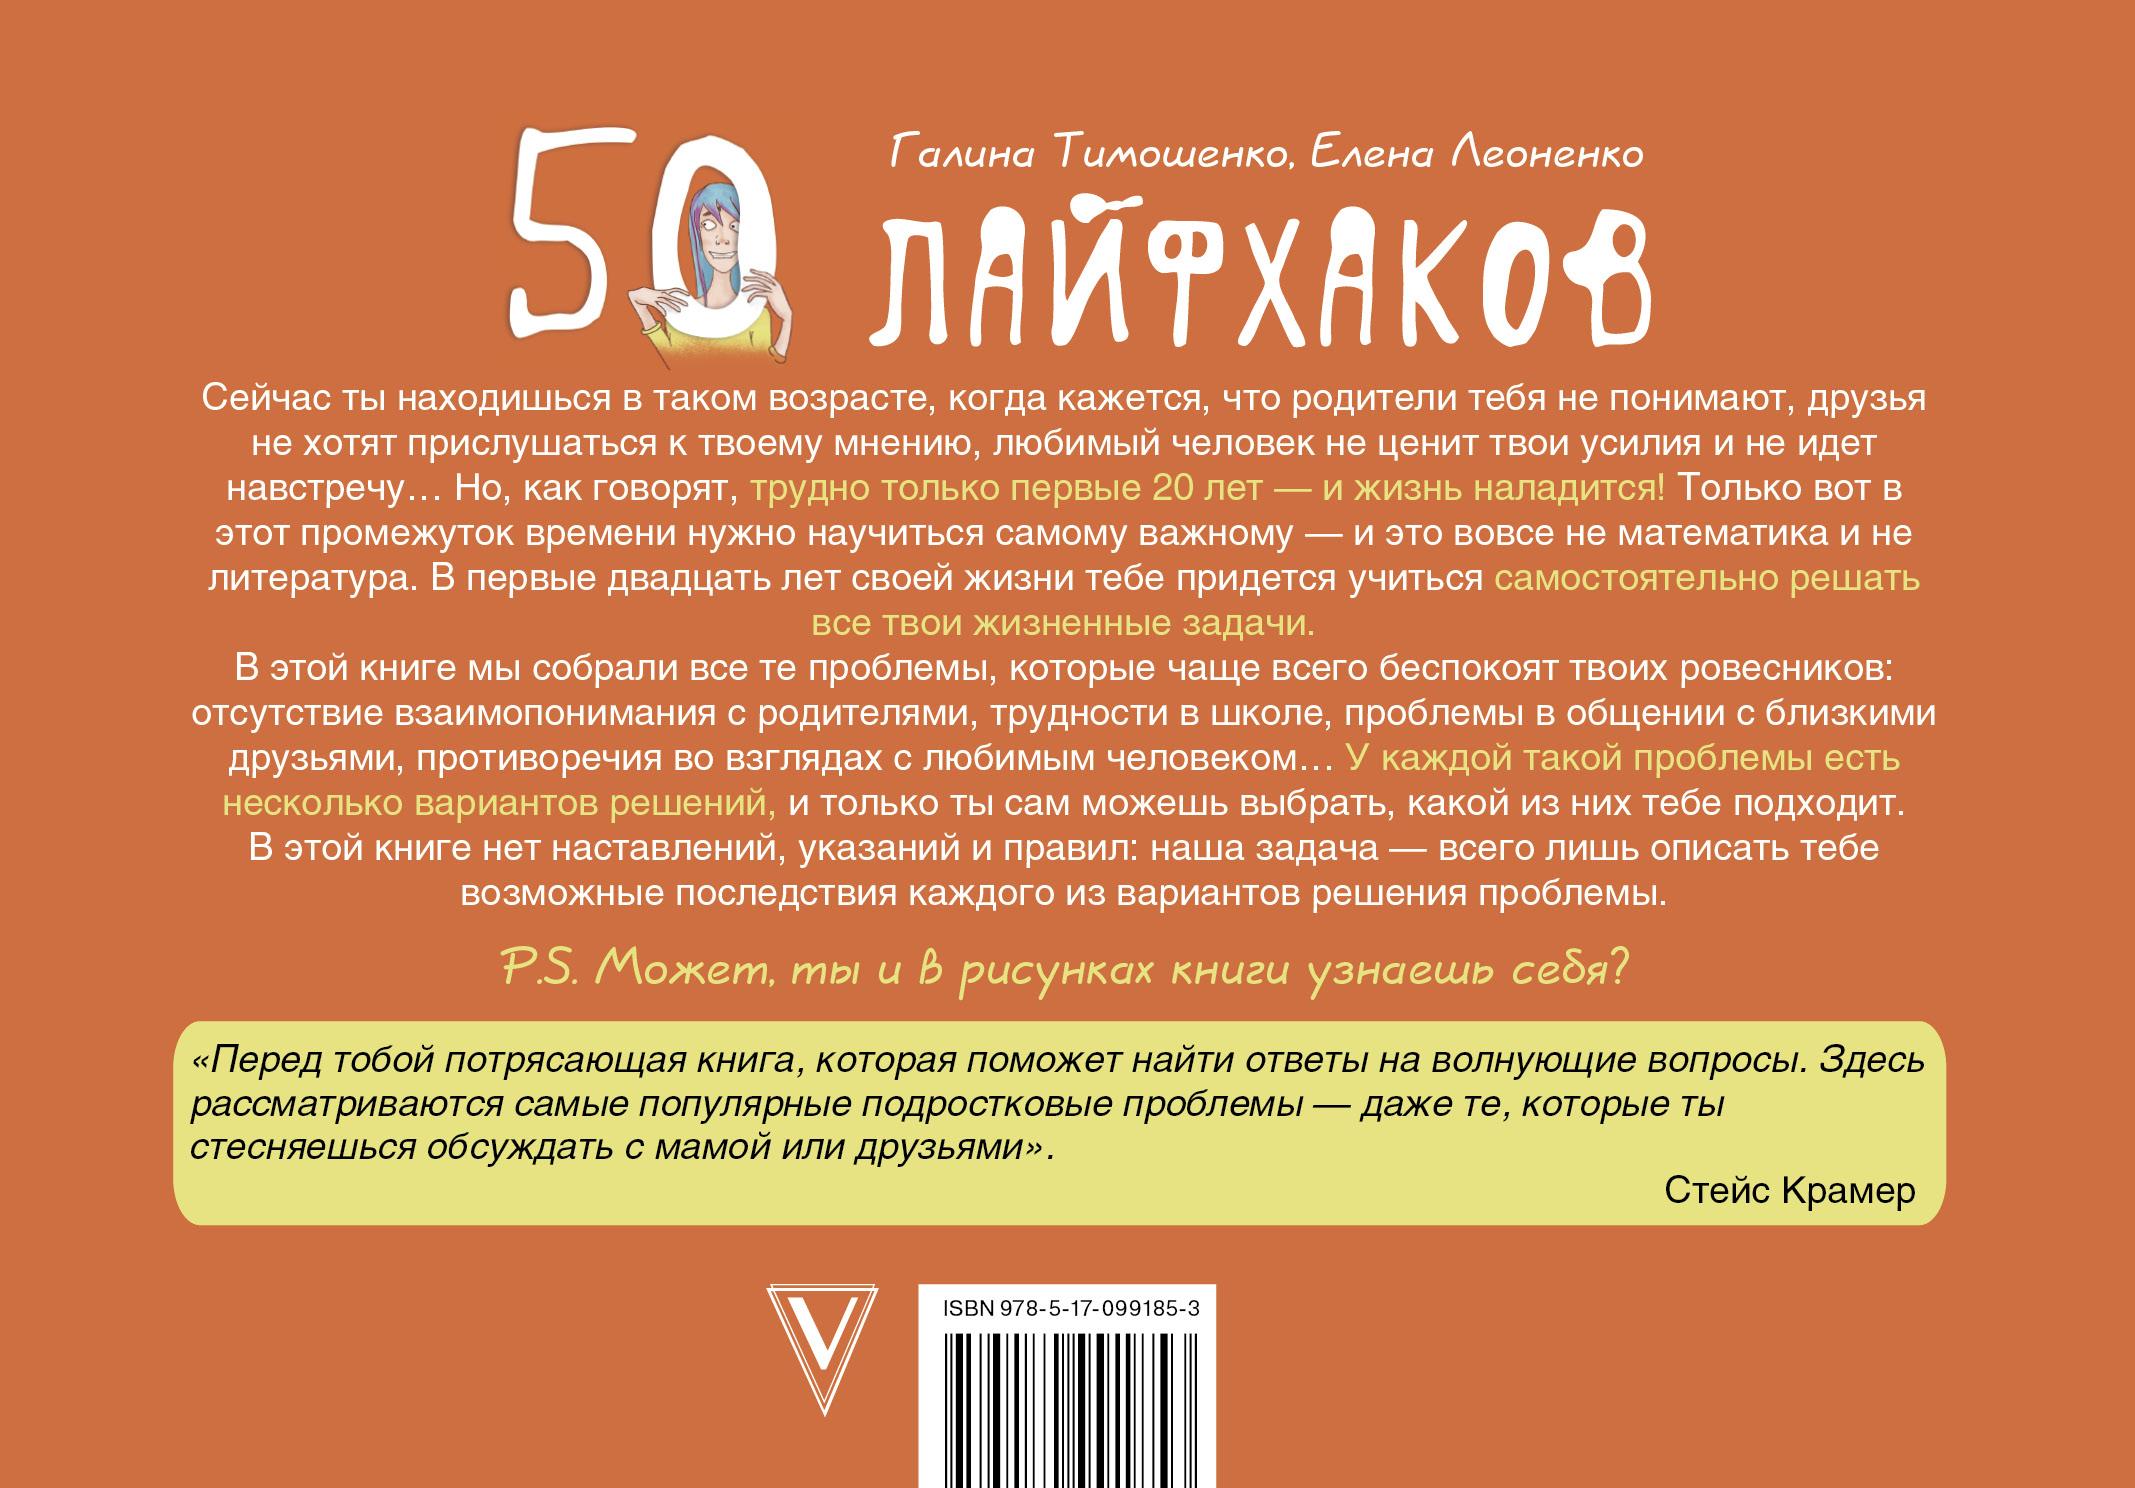 Книга 50 лайфхаков. Психологические квесты. Галина Тимошенко, Елена Леоненко